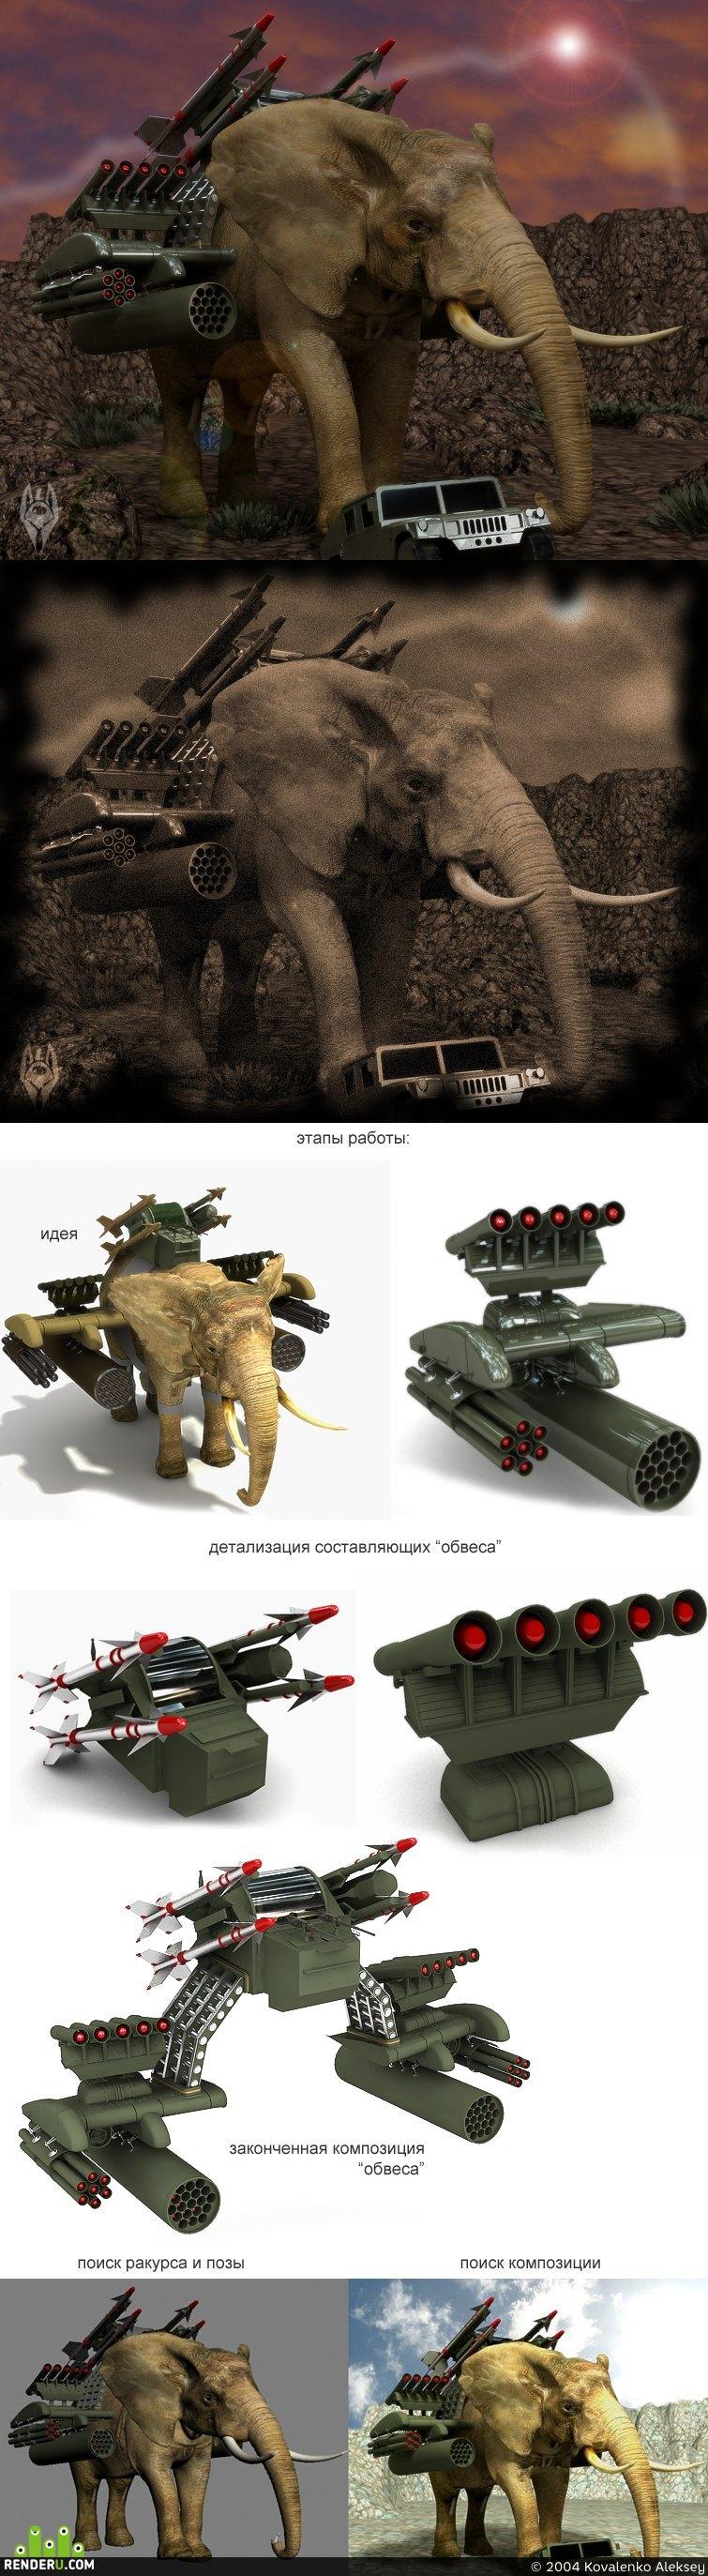 preview Kupi slona?